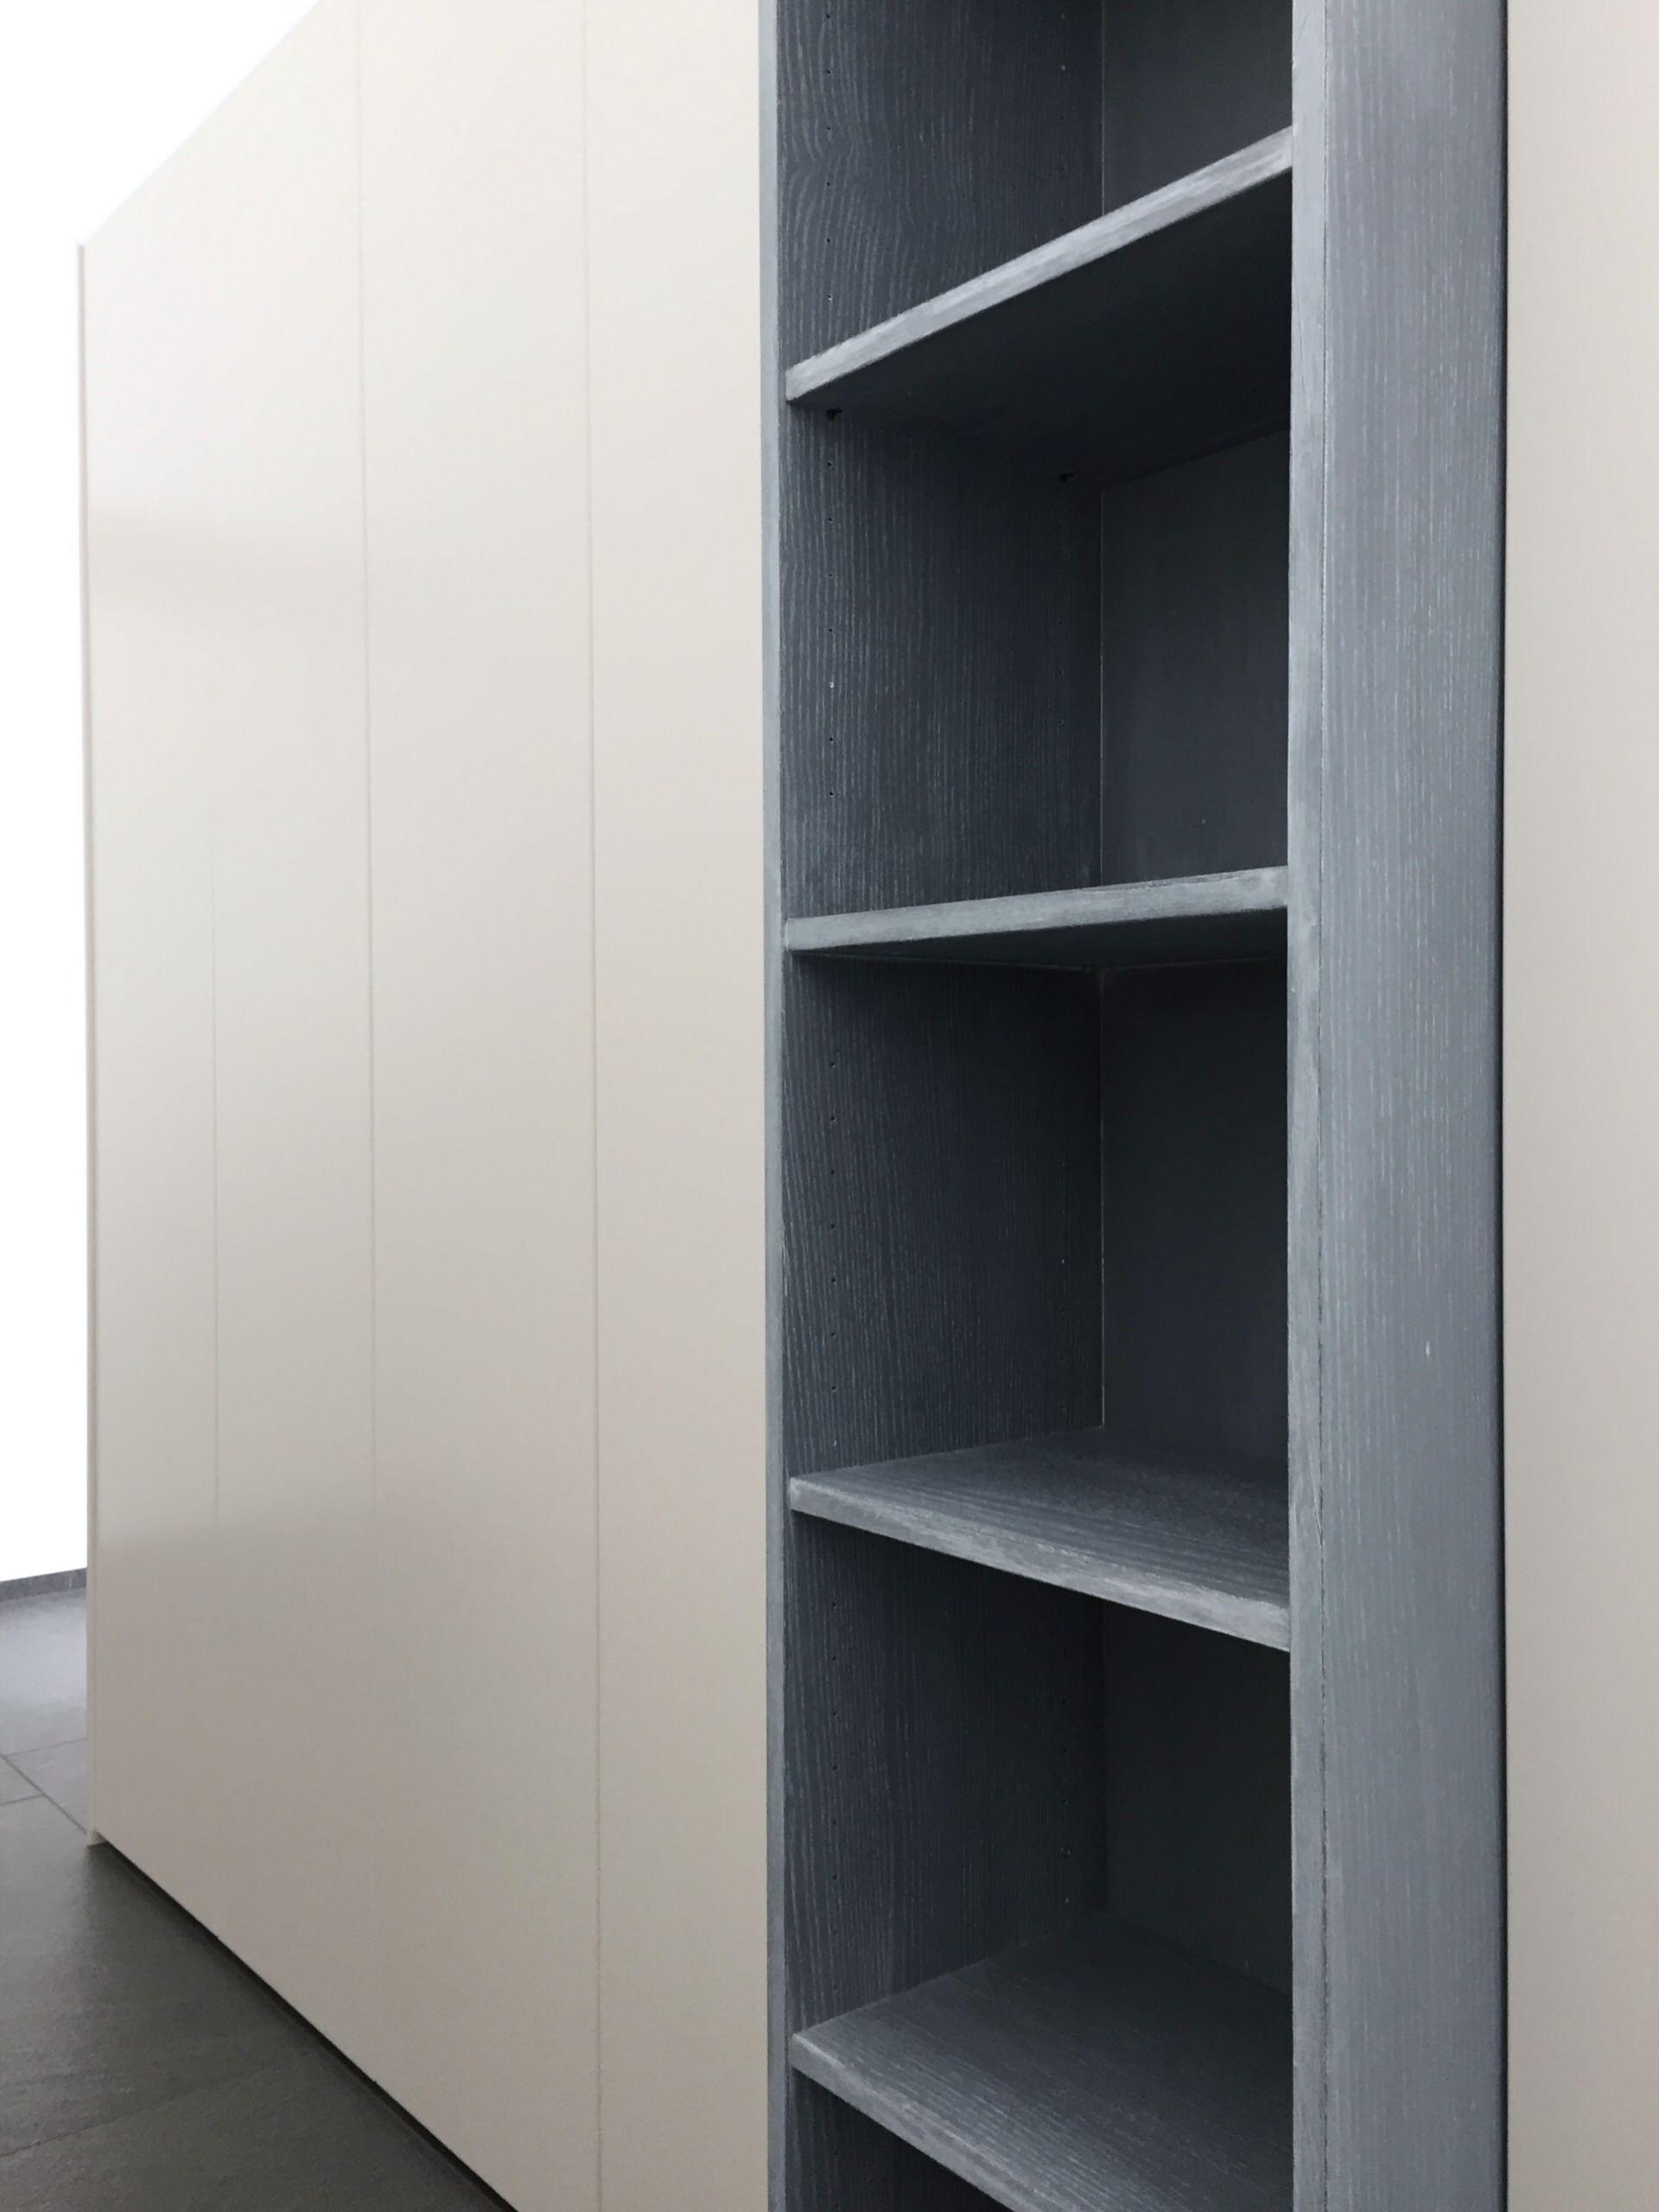 Blau gefasstes Regal passend zu den Schiebetüren der anderen Seite